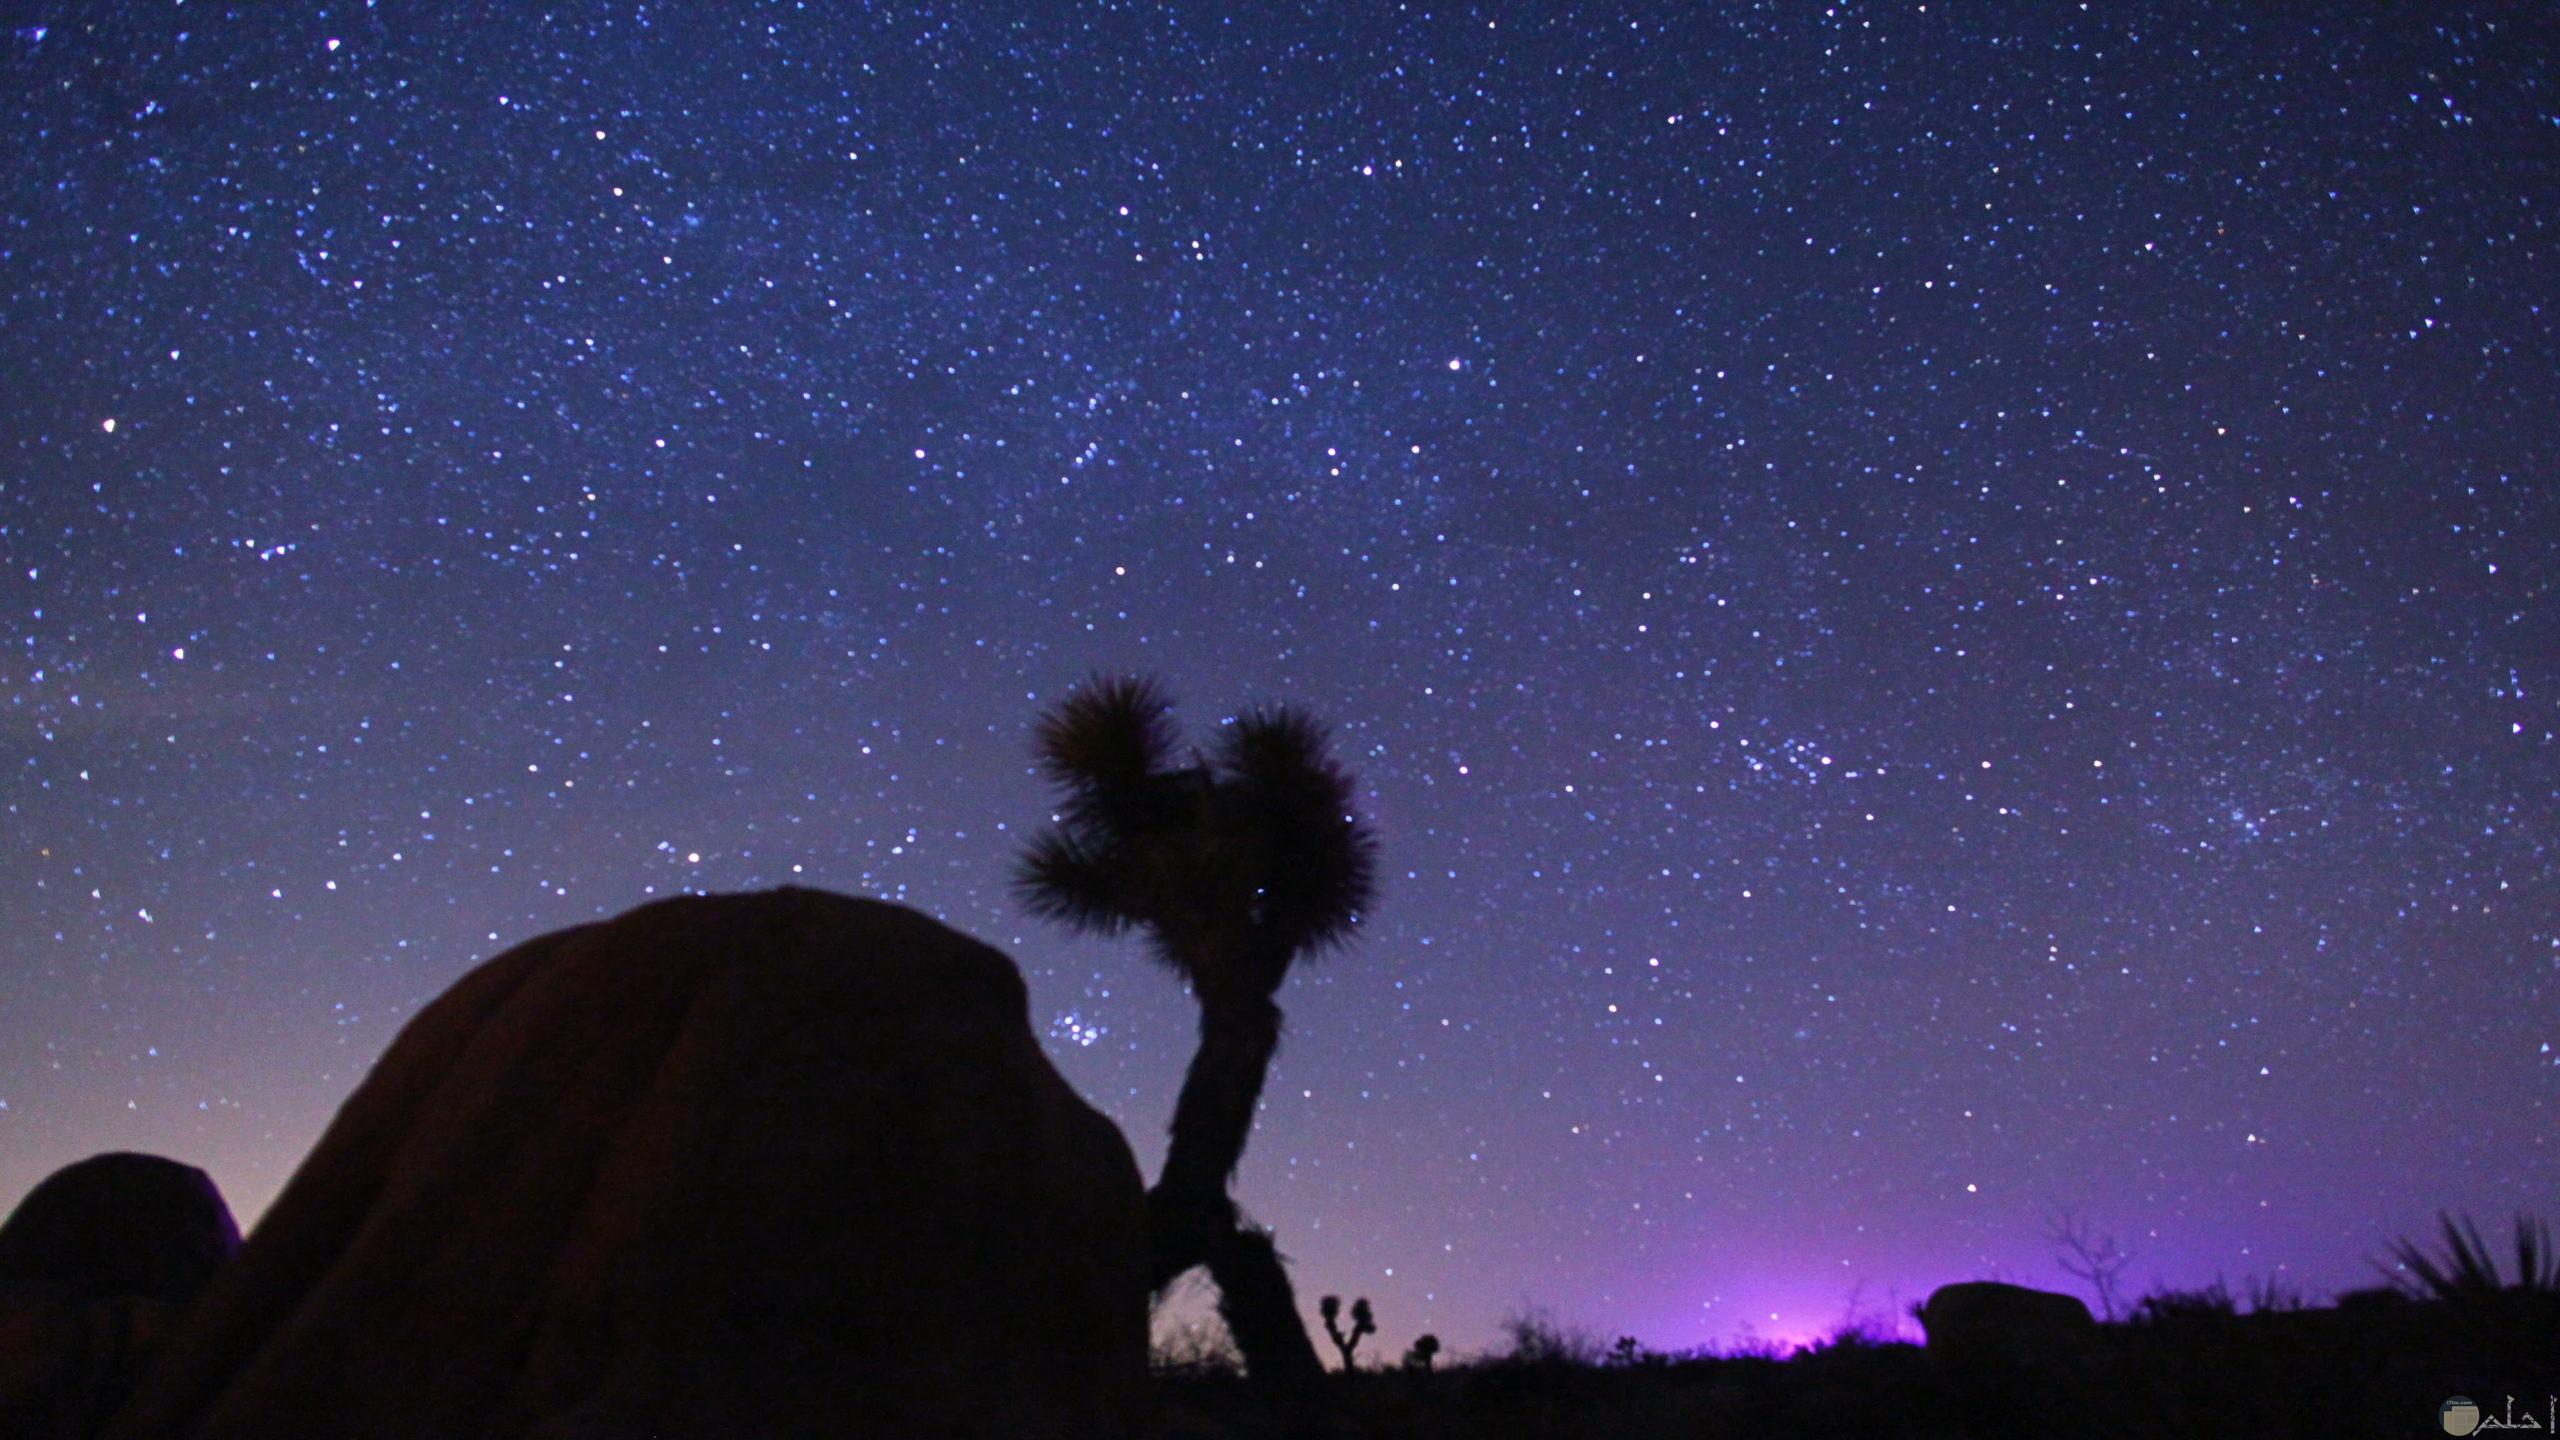 من اجمل الصور للسماء والنجوم